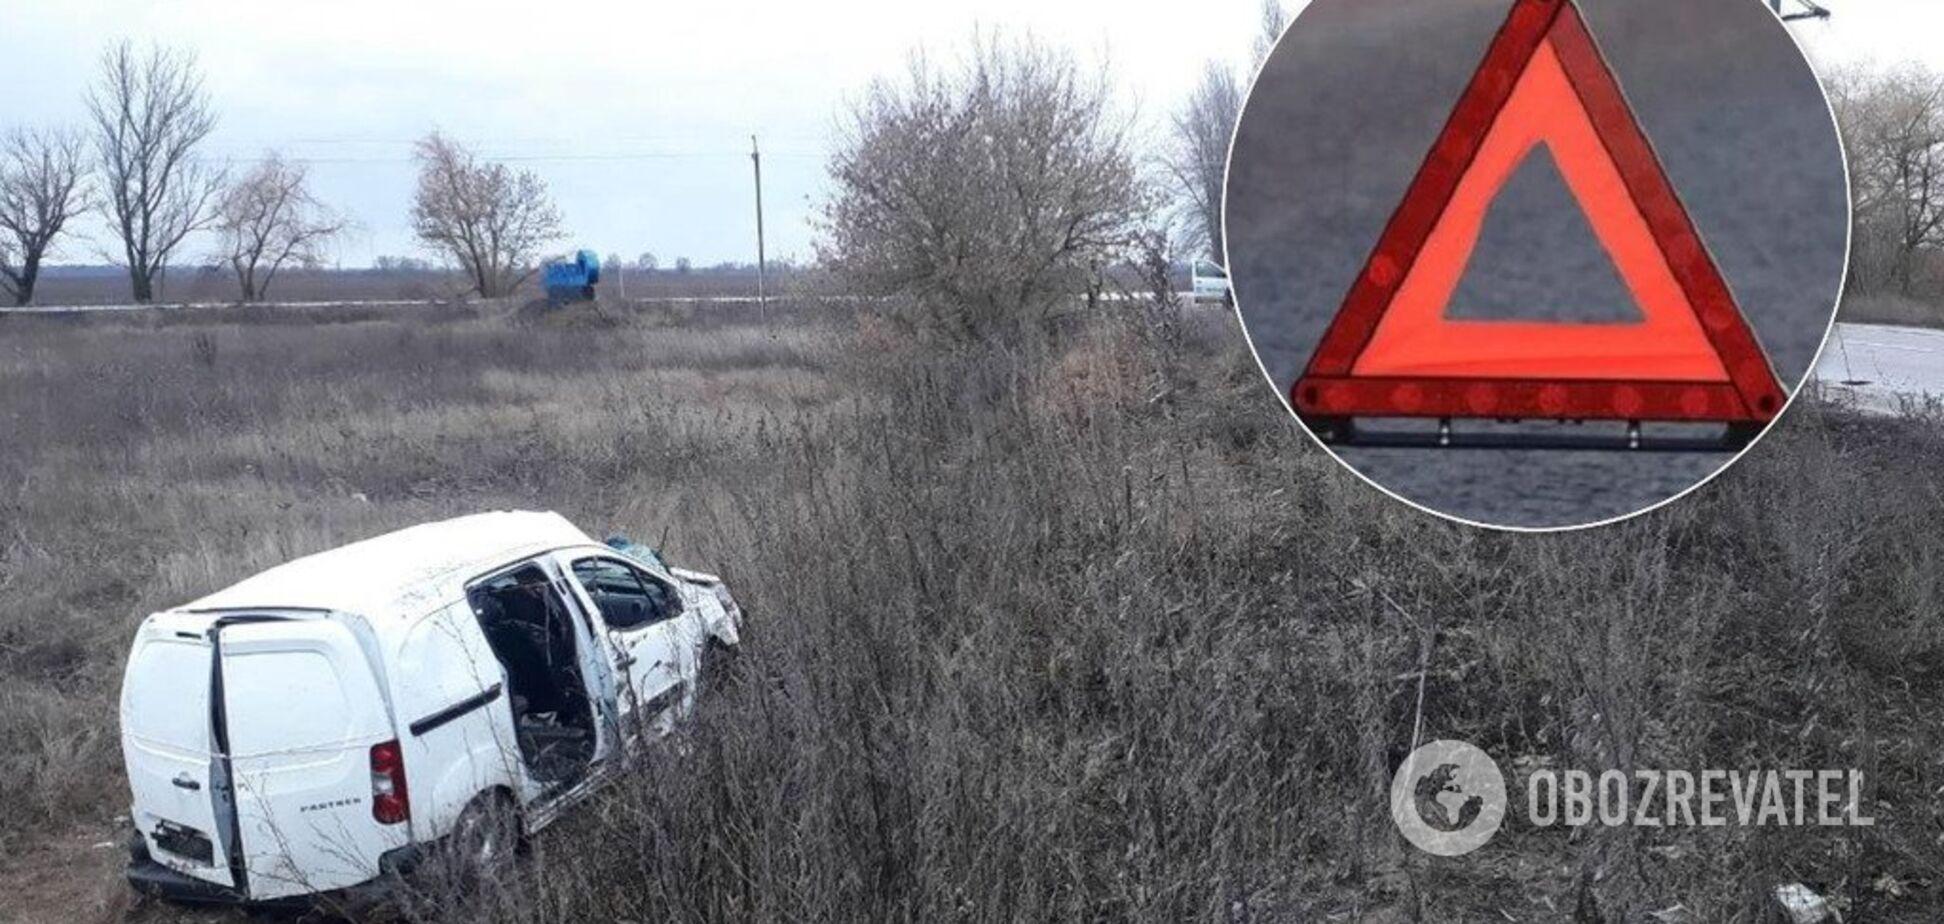 Тело девушки обнаружили в 120 м от места трагедии: под Киевом произошло жуткое ДТП с подростками